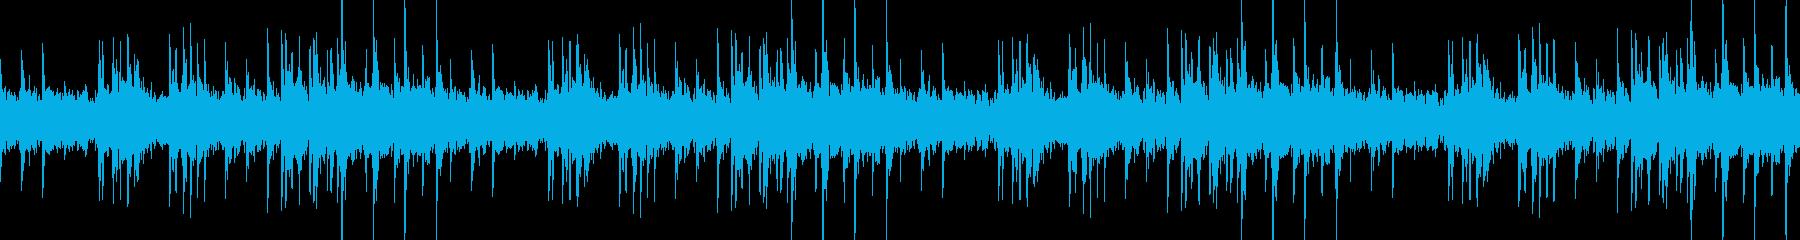 ハープの音色が切ない幻想的なBGMの再生済みの波形